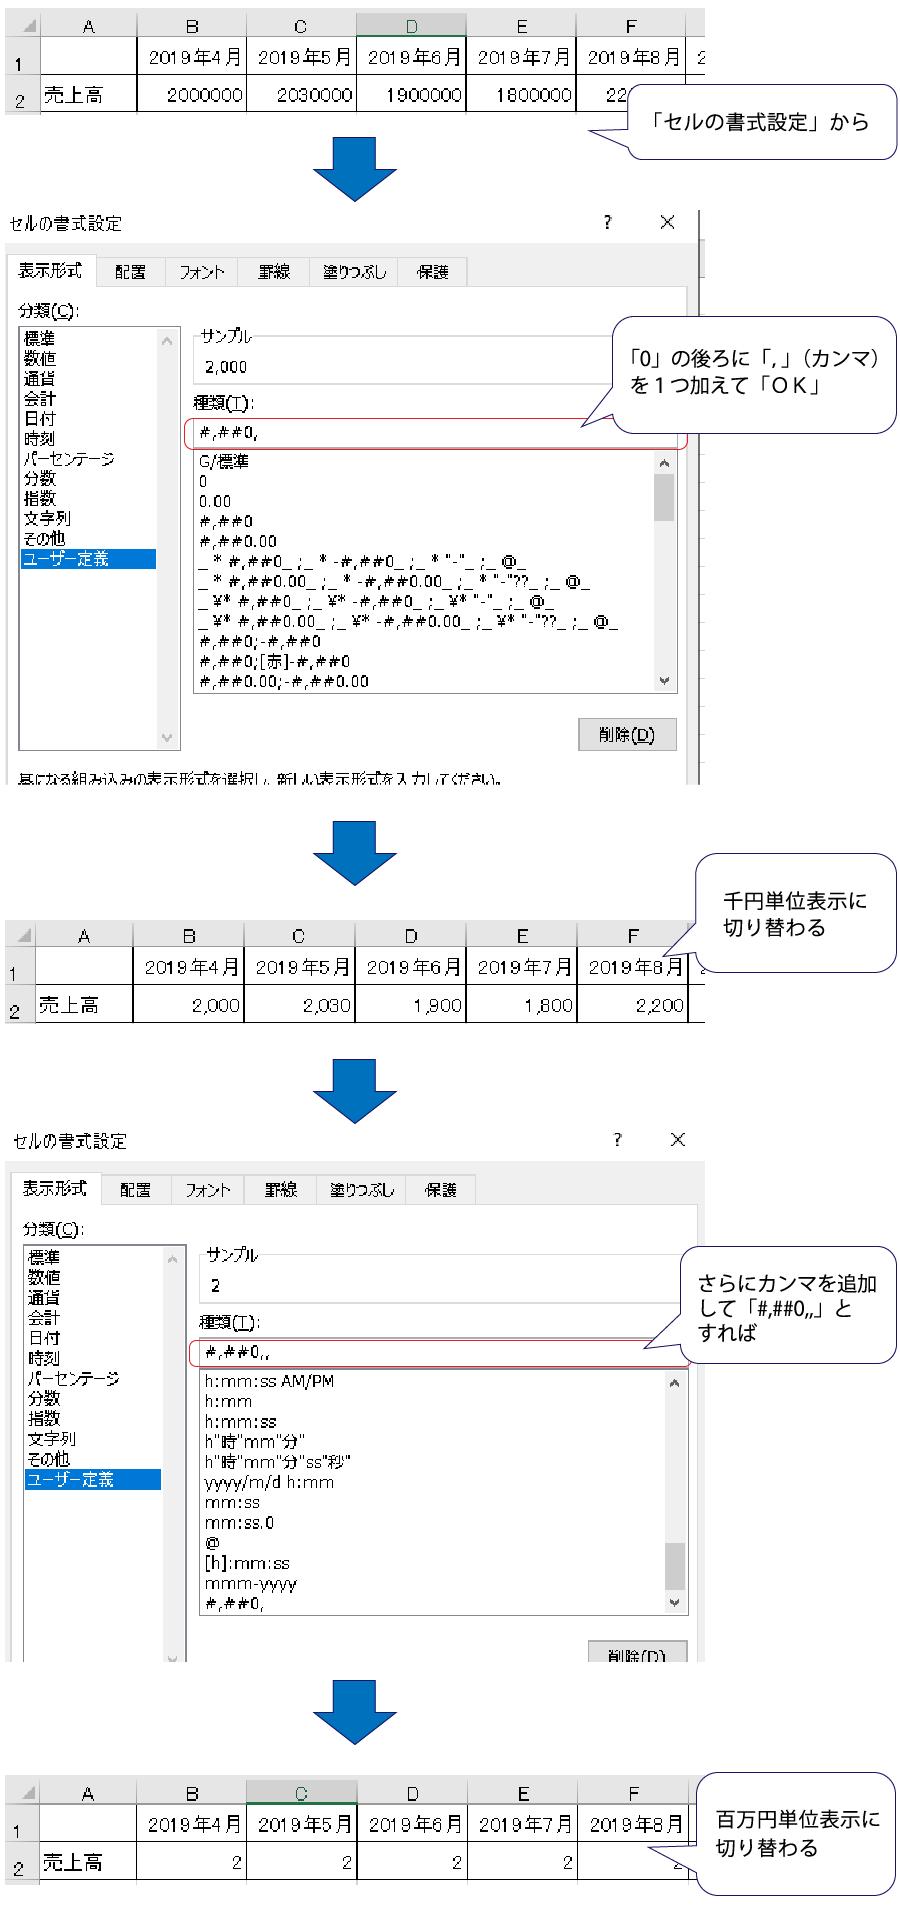 マイナス 表示 プラス エクセル マイナス値のデータをプラスにしたい|Excel|ヘルプの森